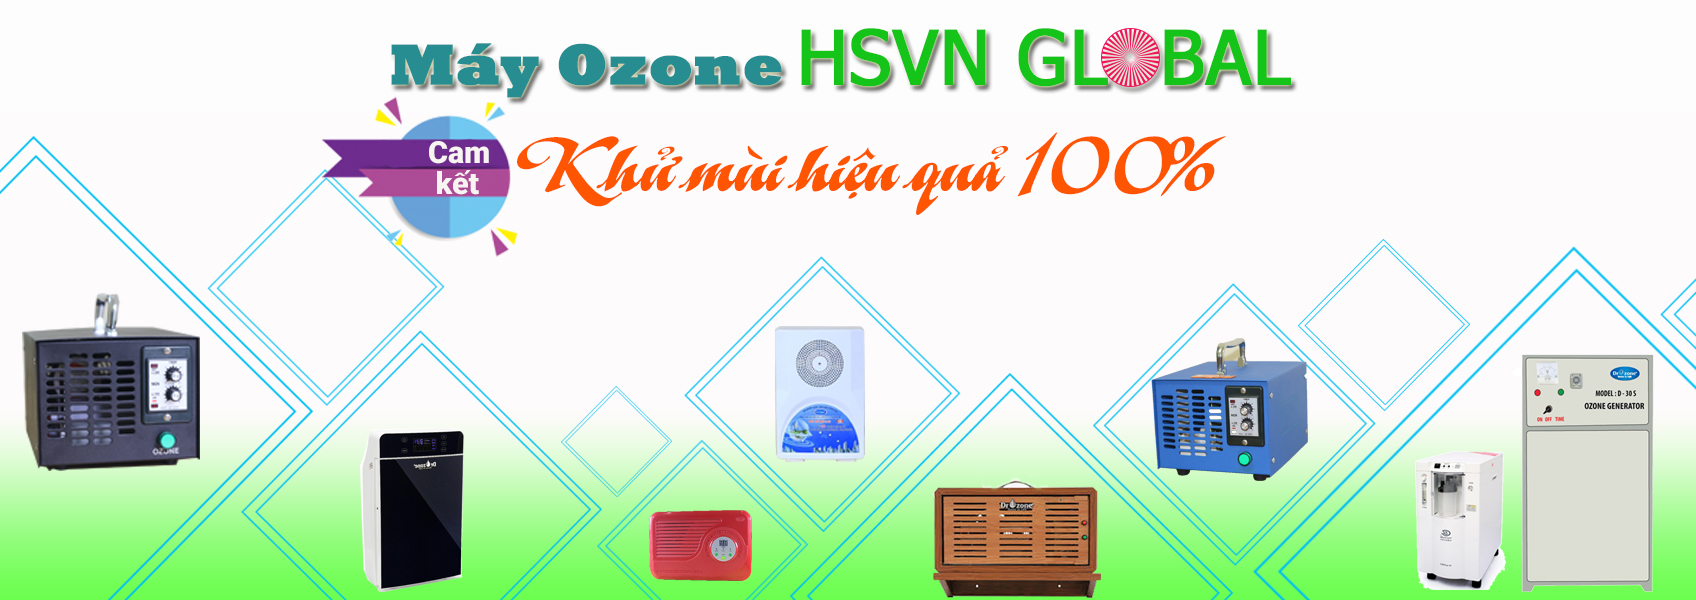 Máy ozone khử mùi hiệu quả - chính hãng tại Việt Nam